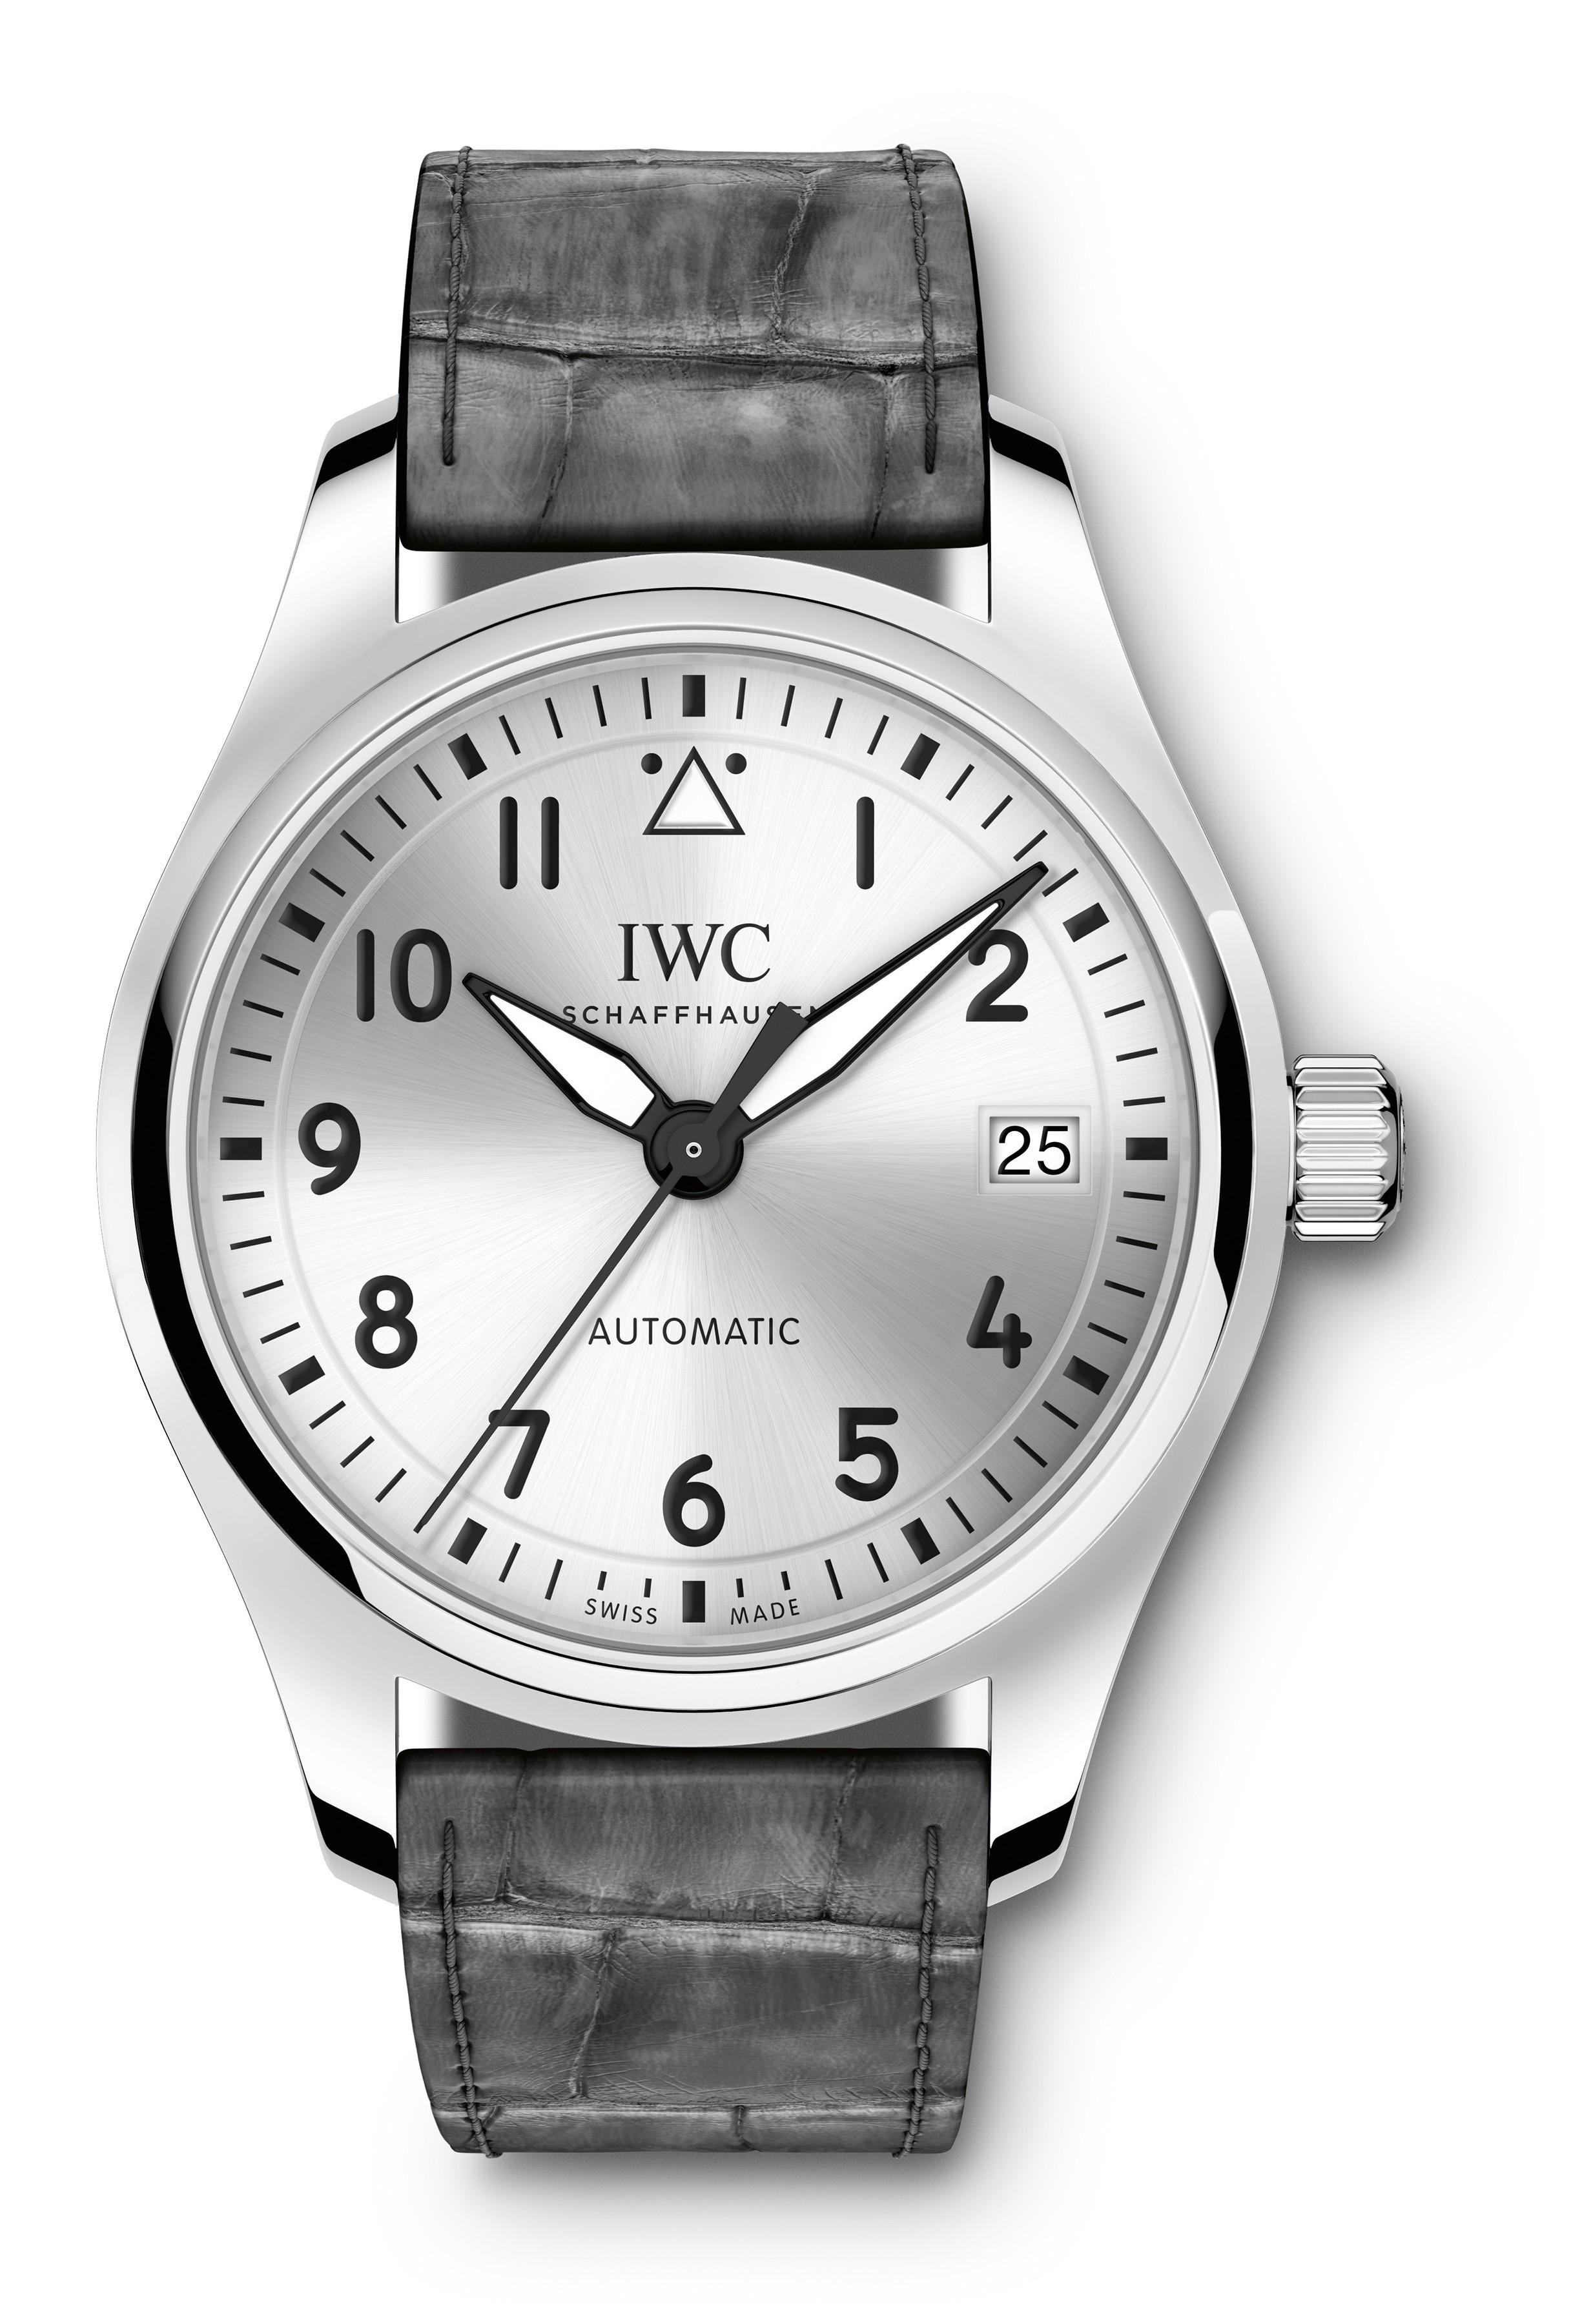 Calendario Anual Reloj Mejores Y Más Novedosos Iwc Reloj De Aviador Automático 36 Iw3240 Of Calendario Anual Reloj Más Reciente Calaméo Prensa Pitiusa Edici³n 237